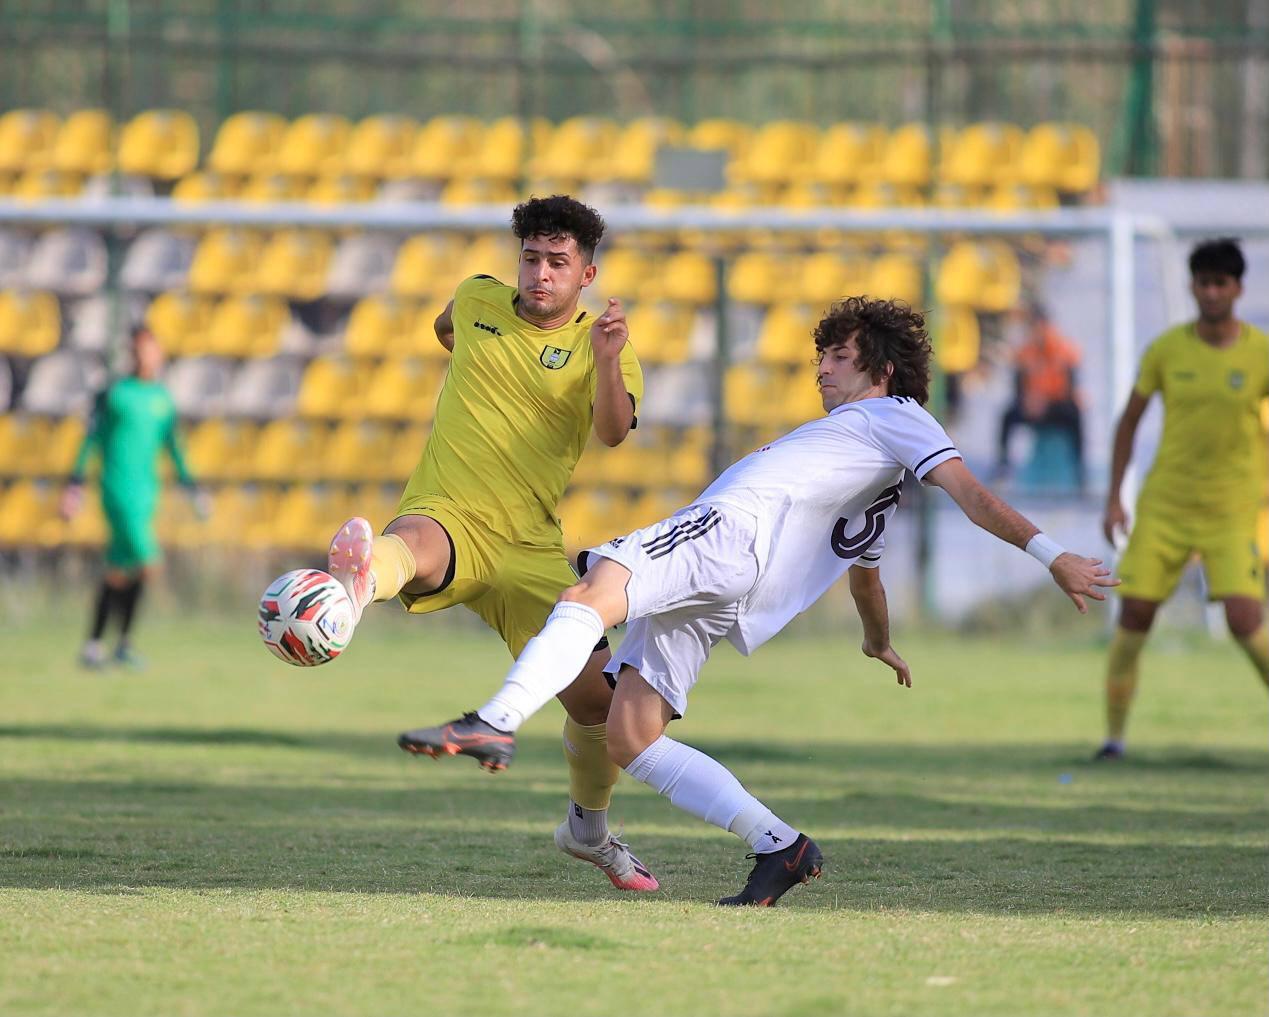 ثلاثة انتصارات في الدوري العراقي الممتاز  (صور)